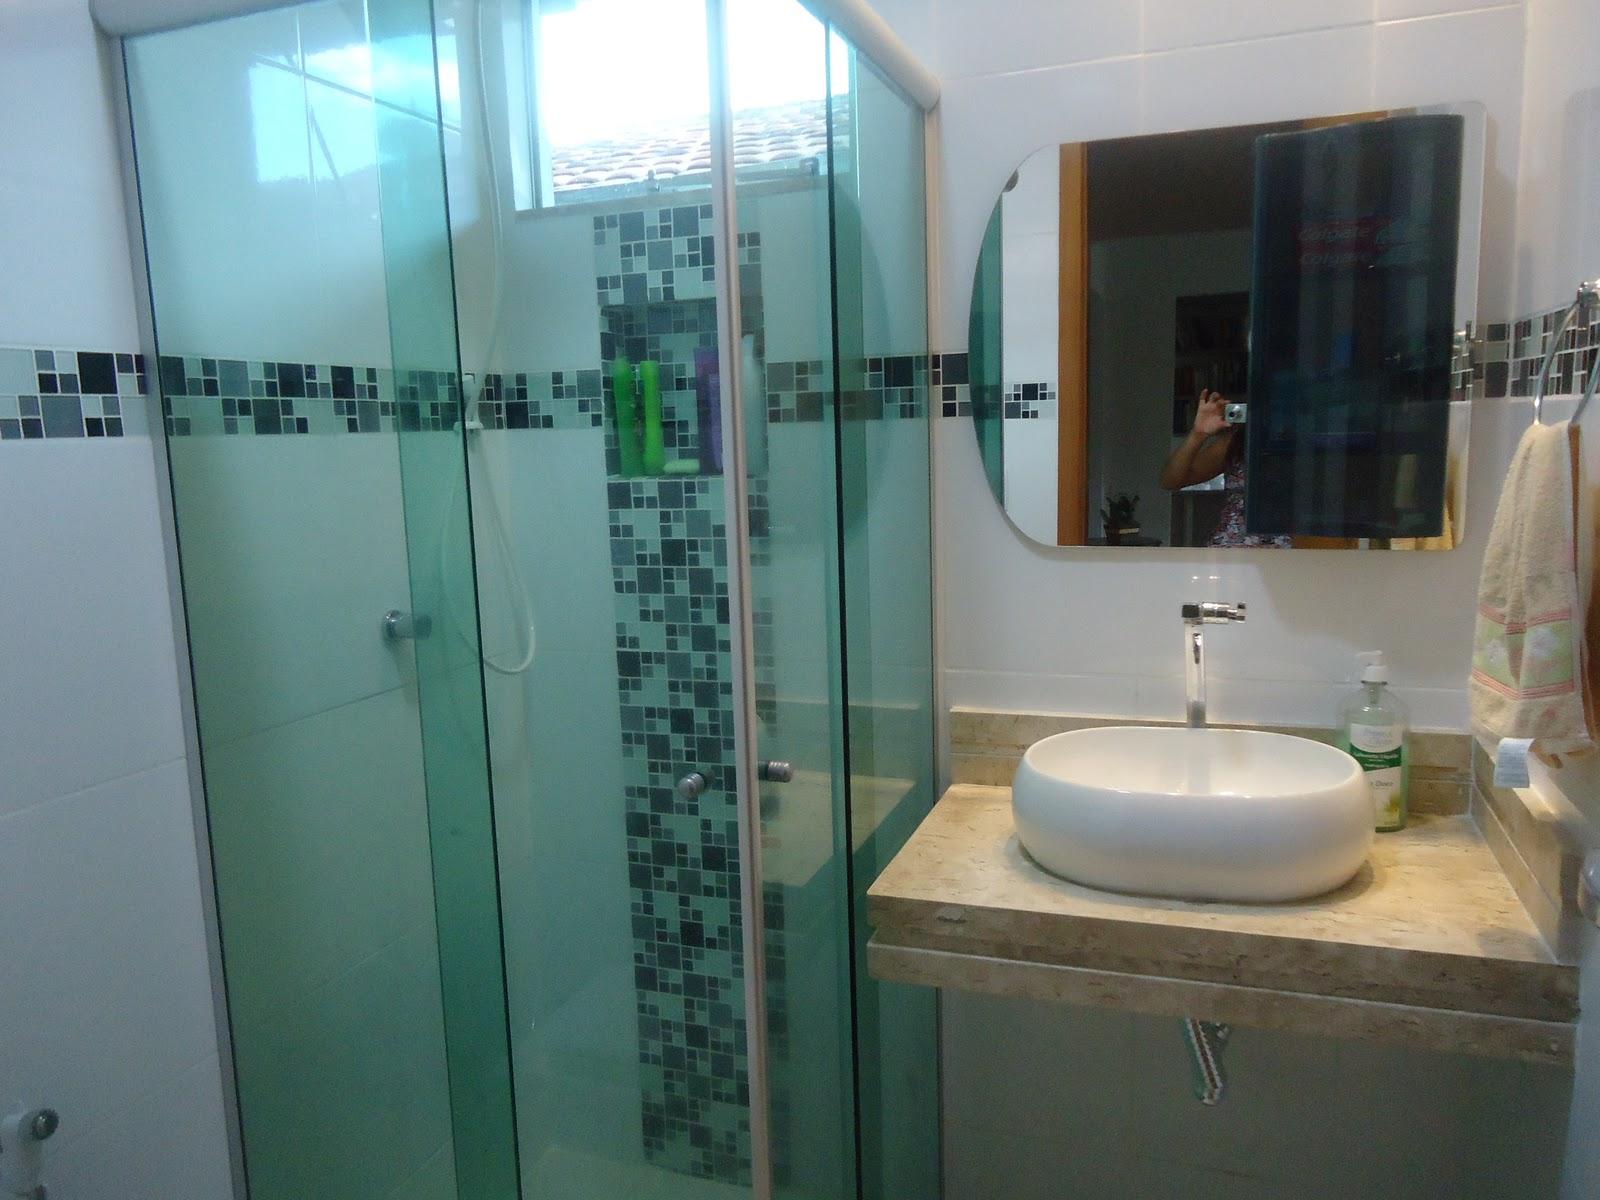 Realizando a Reforma: Banheiro Social Vcs viram? #3E798D 1600x1200 Banheiro Com Blindex Verde